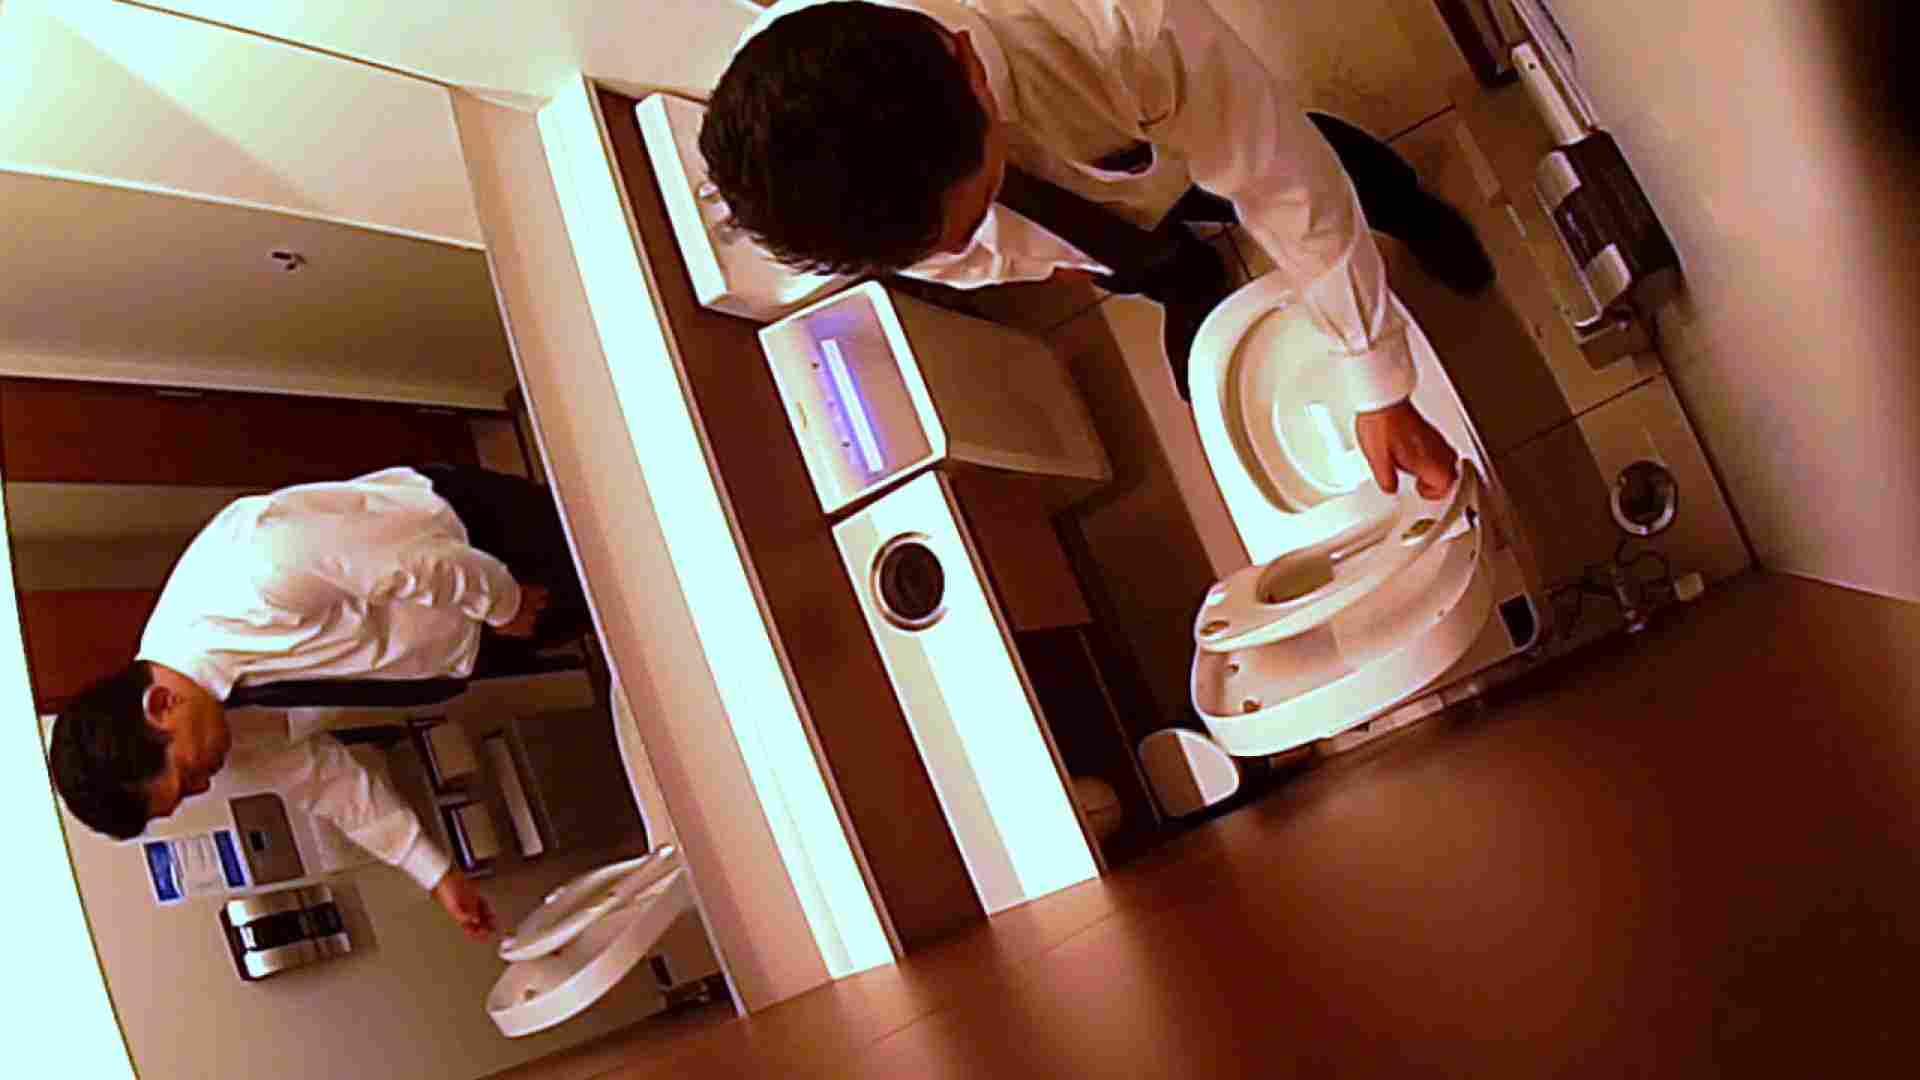 すみませんが覗かせてください Vol.31 トイレ | 0  94pic 65